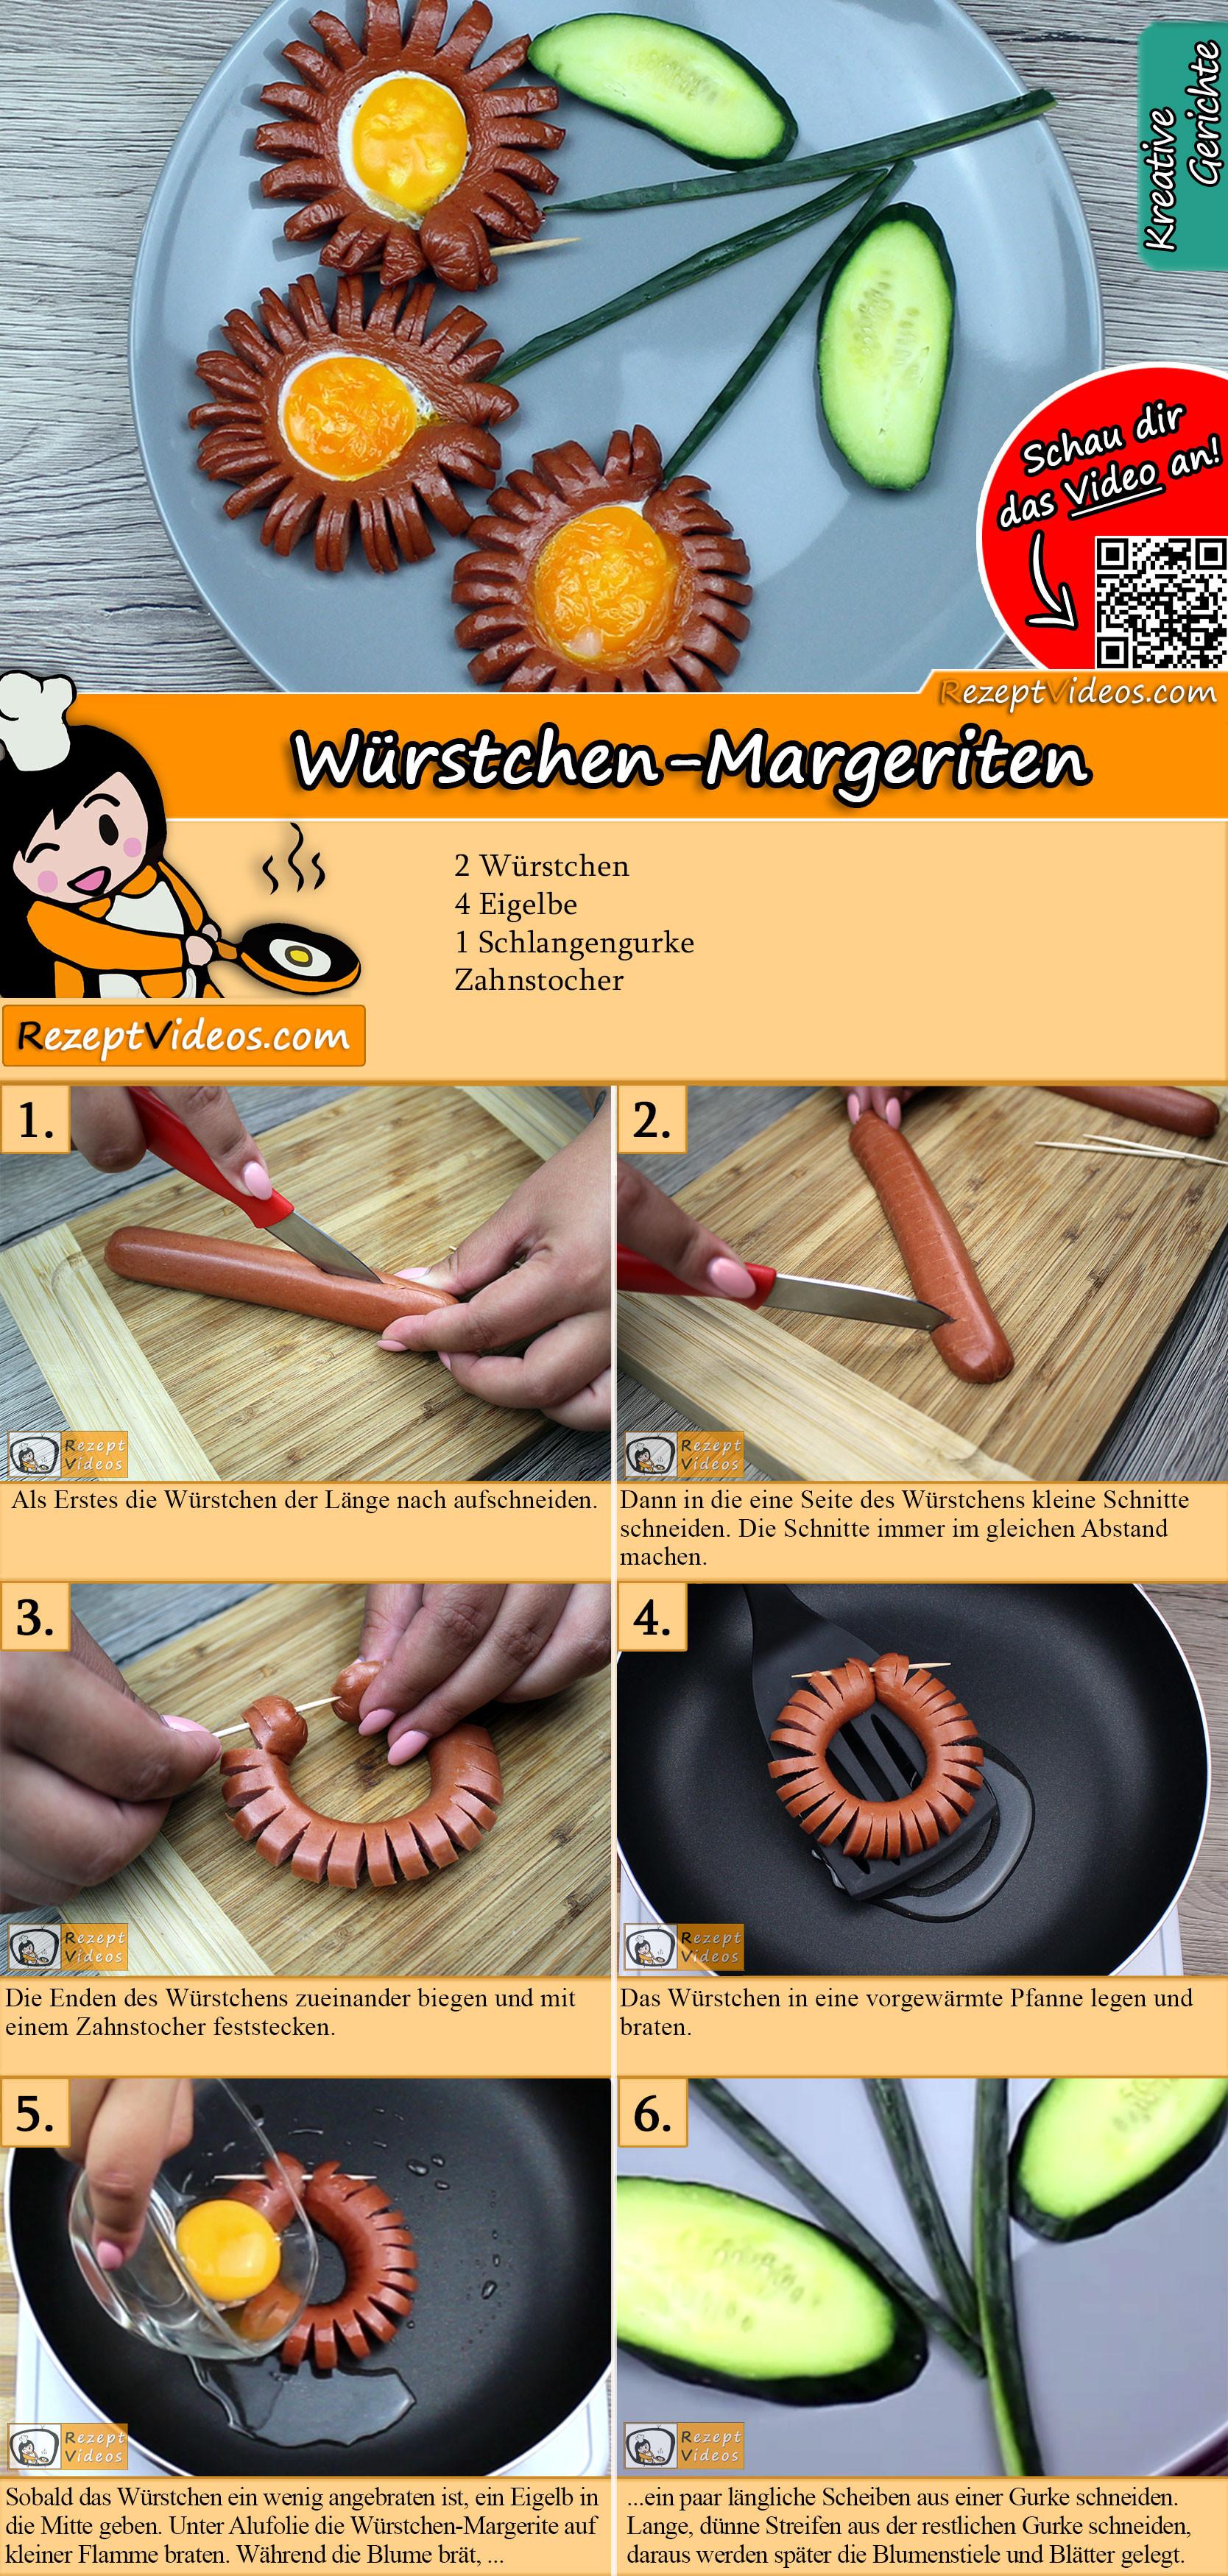 Würstchen-Margeriten Rezept mit Video